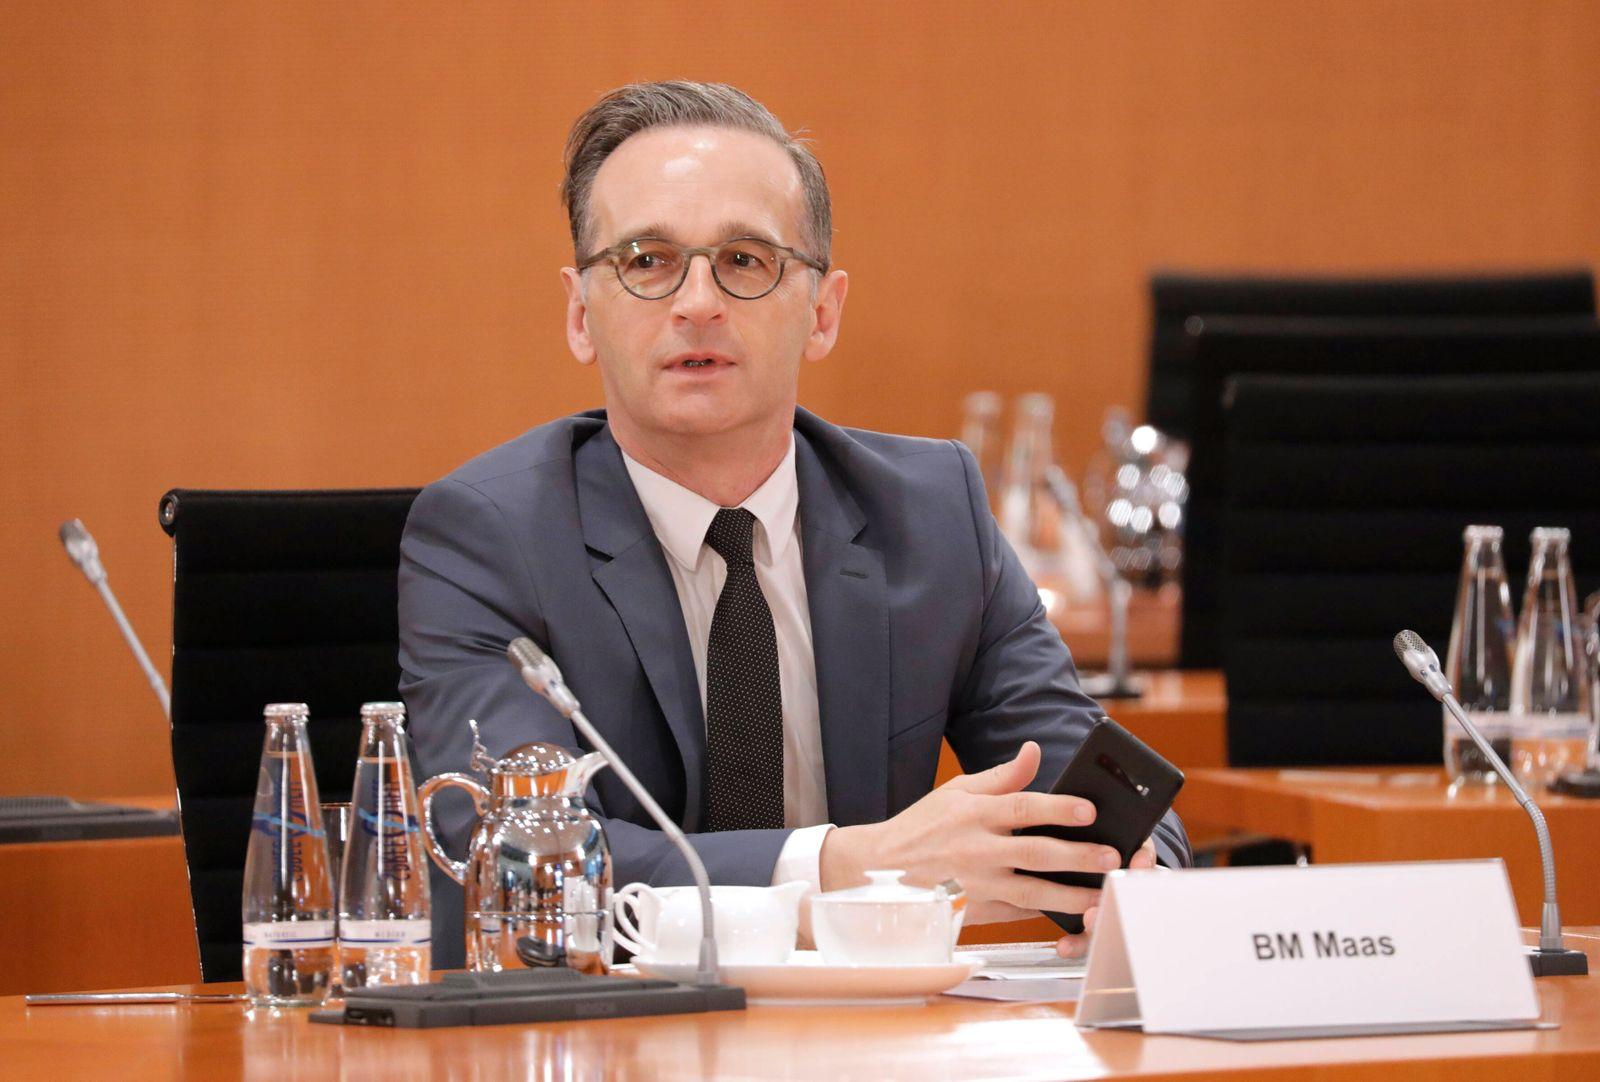 Heiko Maas, Bundesminister des Auswaertigen, SPD, 93. Kabinettsitzung, DEU, Berlin, 22.04.2020